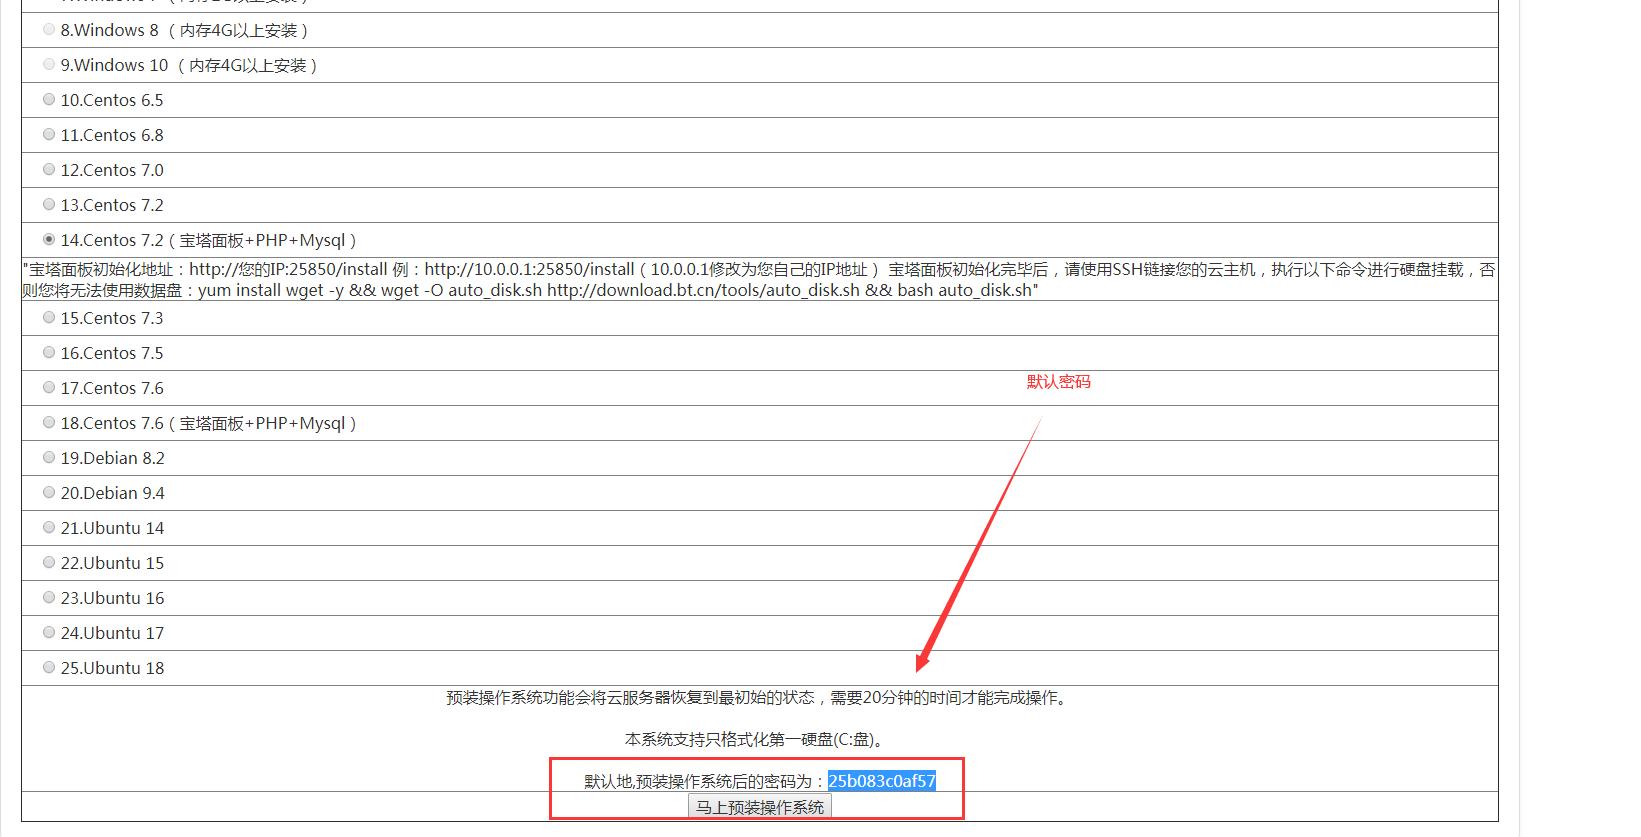 仙杰笔记 云服务器安装系统, SSH连接宝塔控制面板安装  宝塔 144613twi0cmrmwirpiwfo